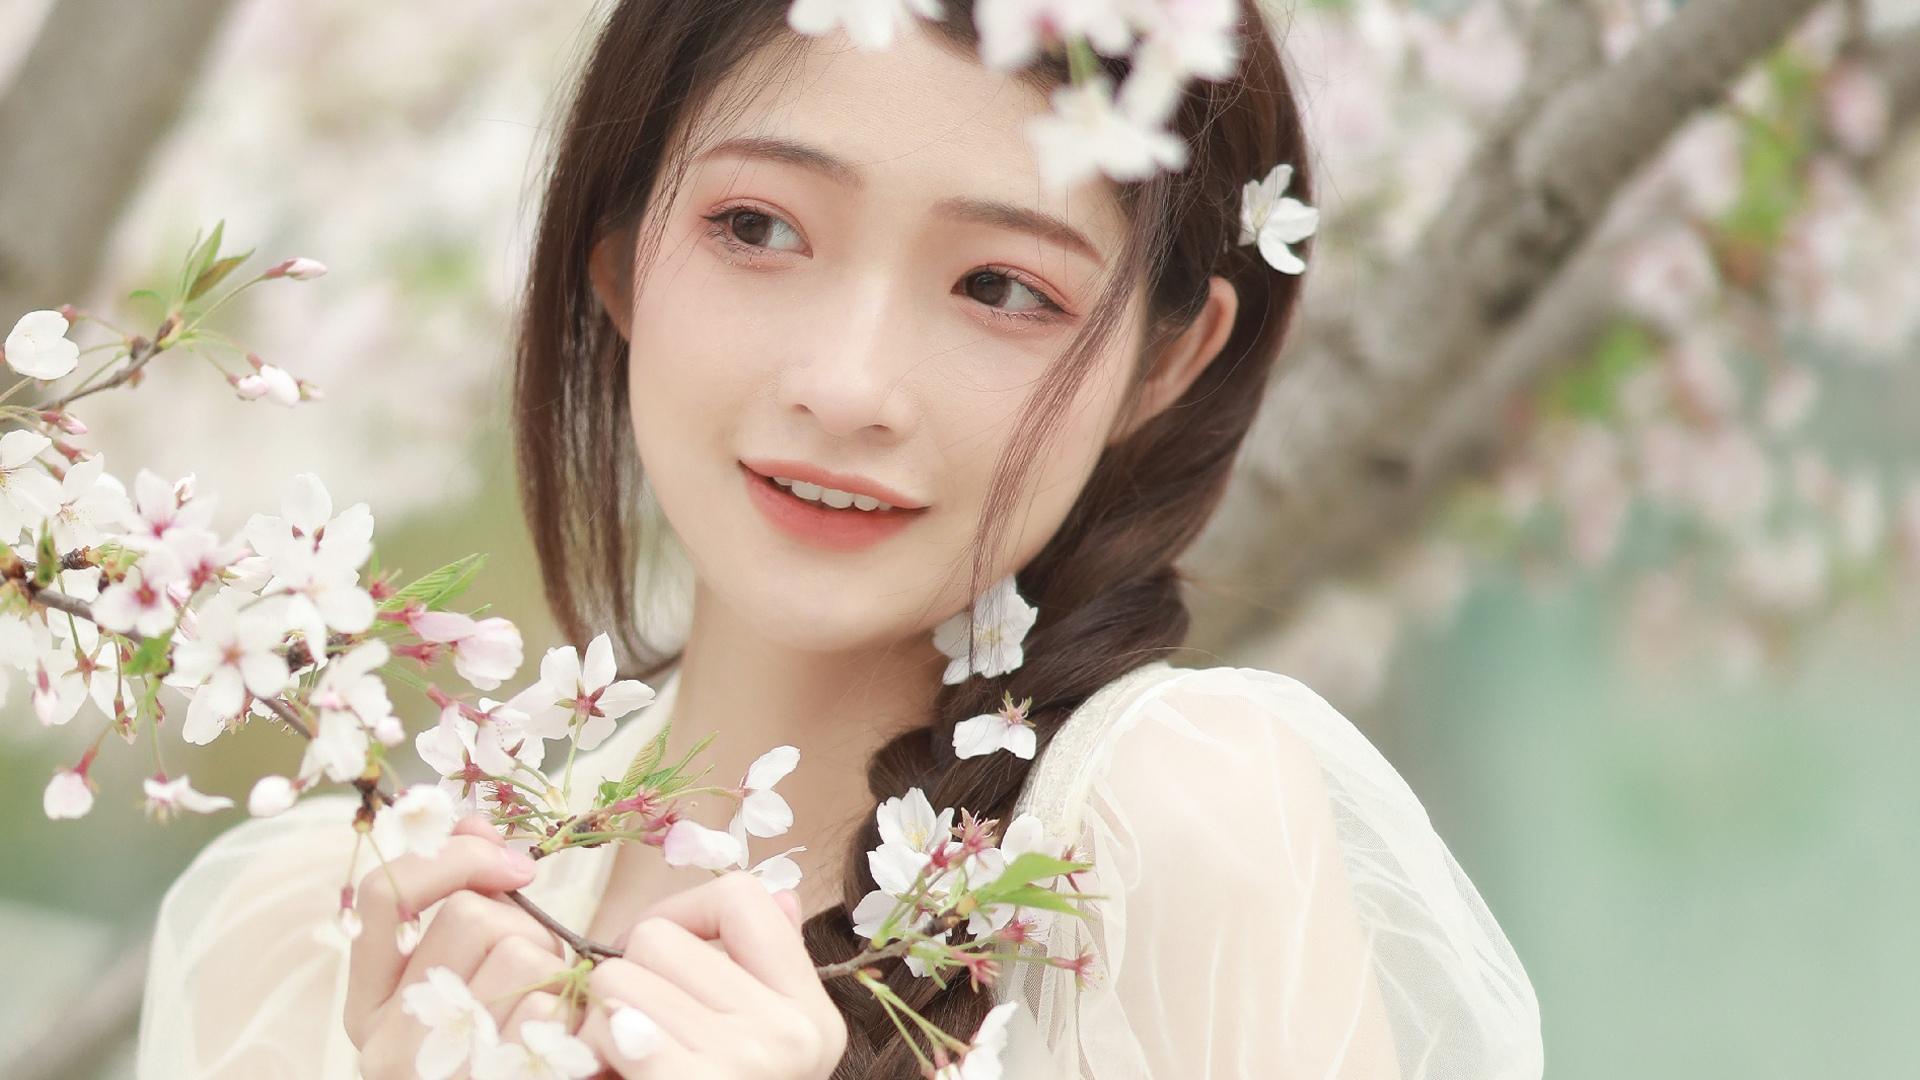 美女模特,清纯,樱花,仙女,春天